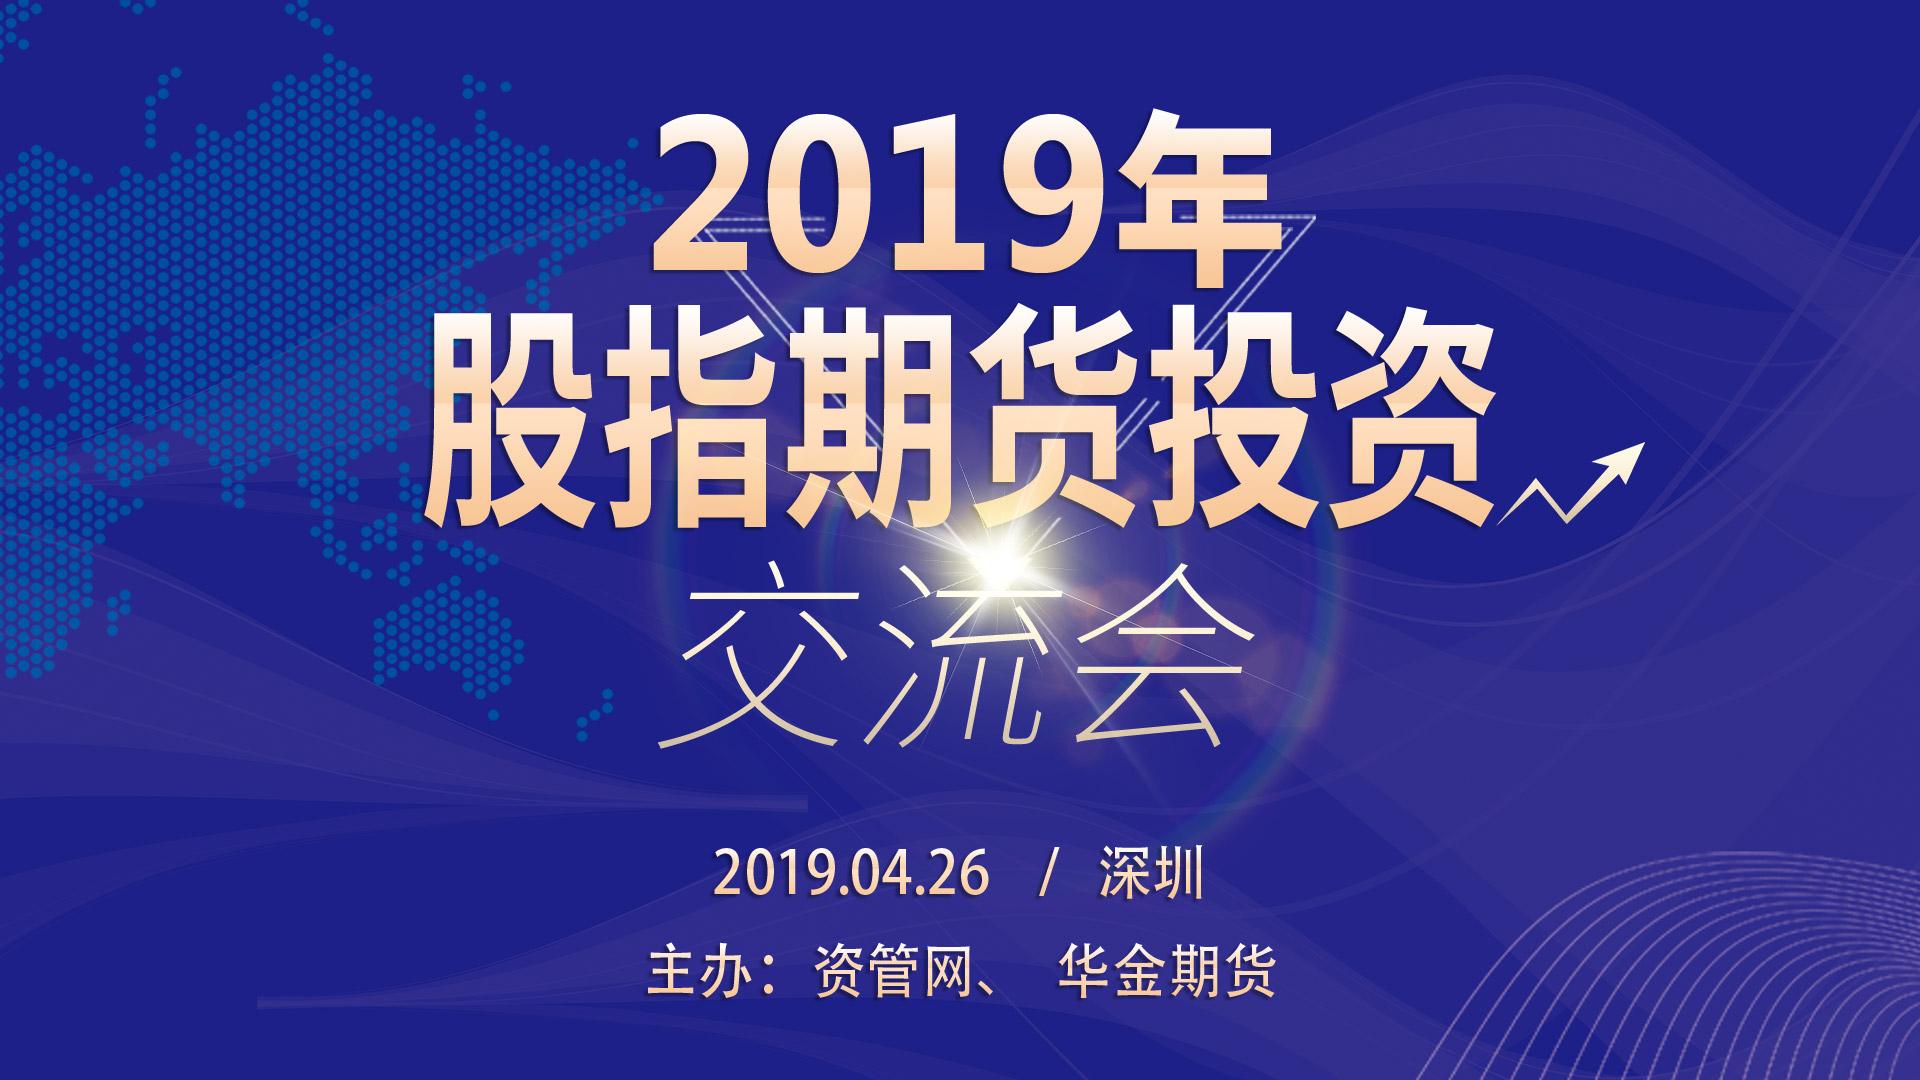 2019年股指期货投资交流会